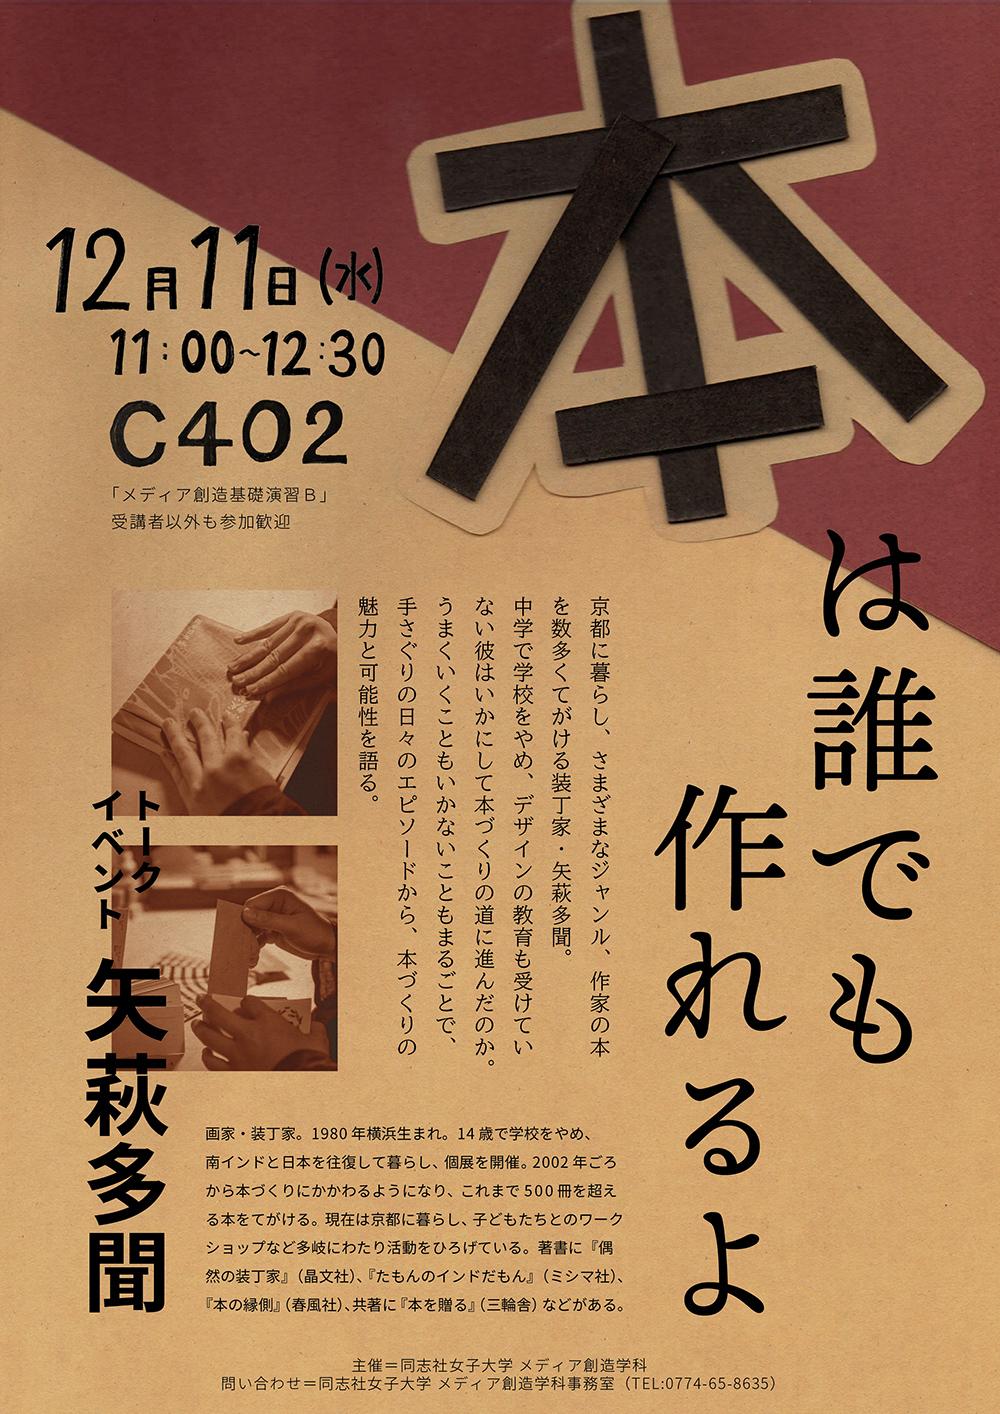 矢萩多聞氏講演会「本は誰でも作れるよ」